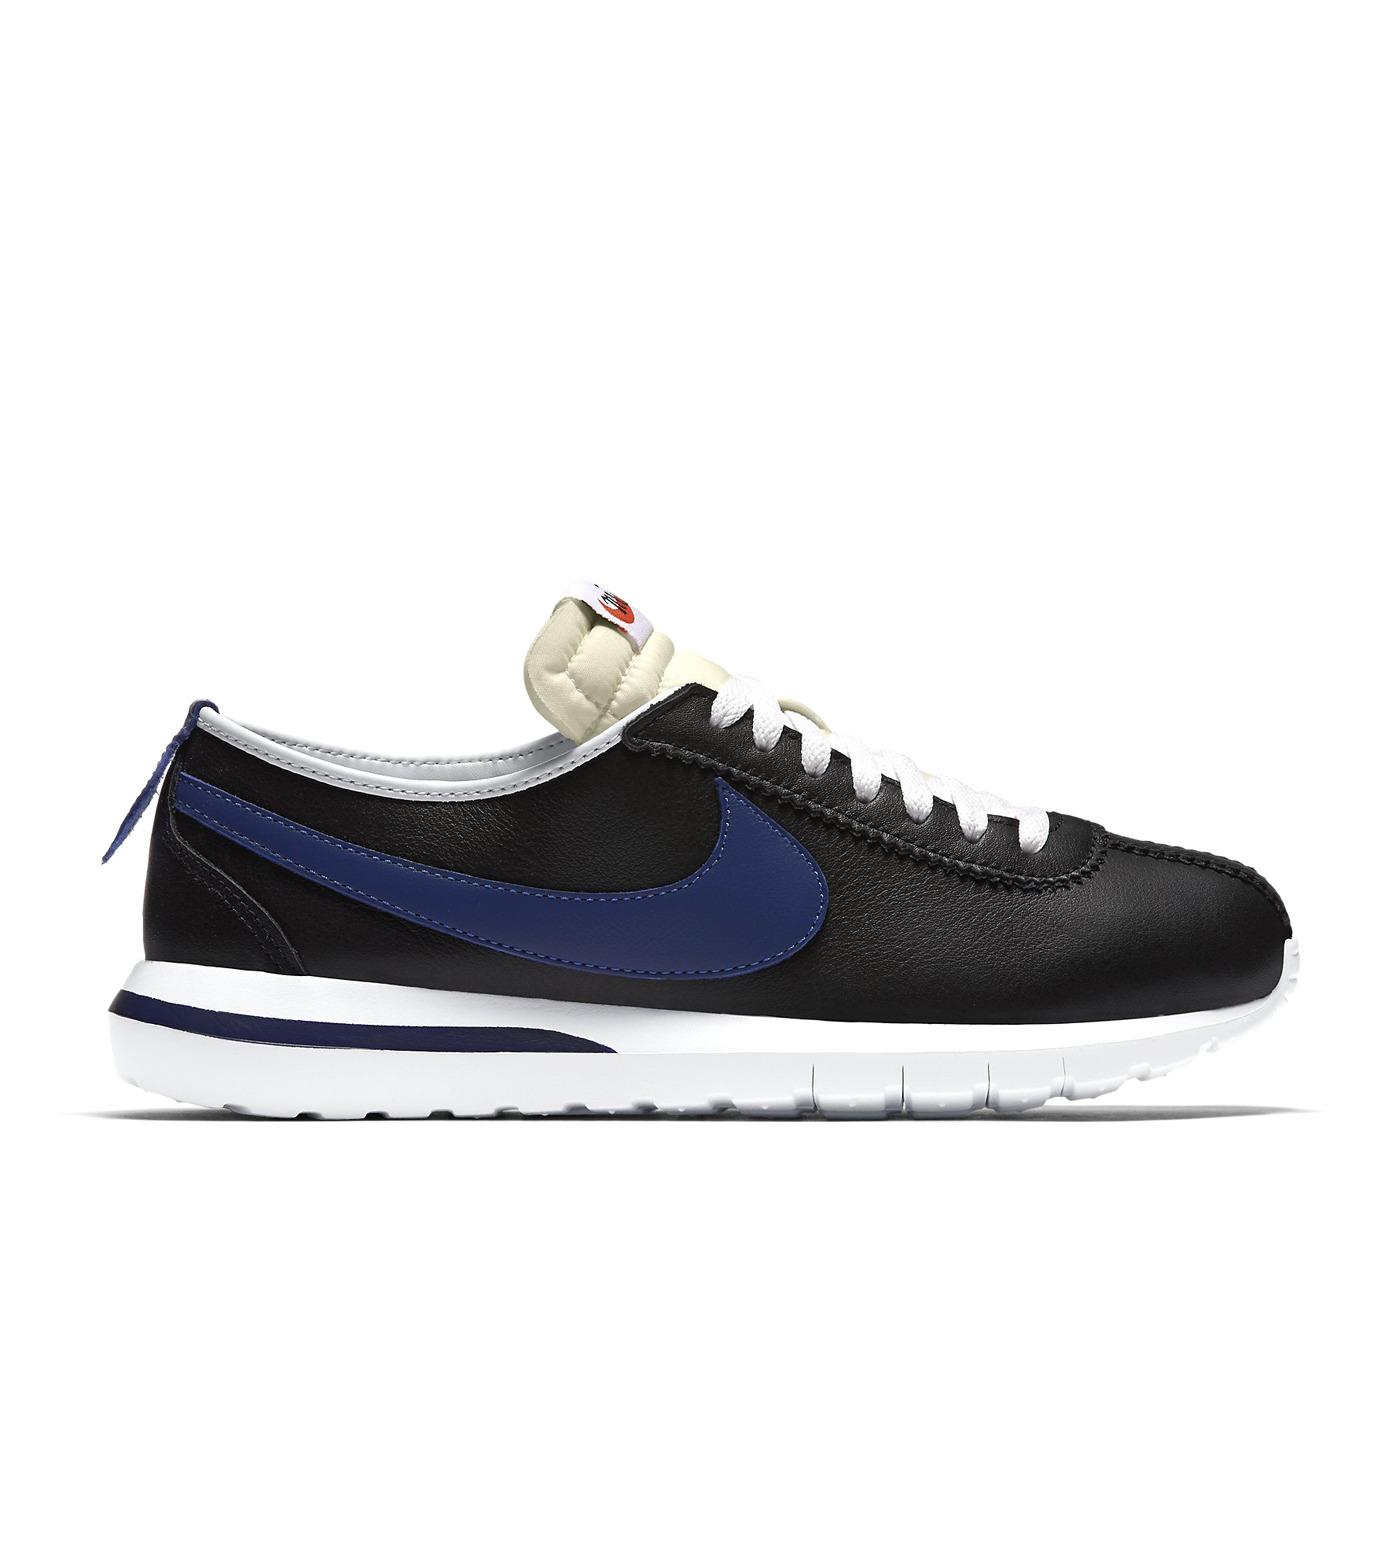 NIKE(ナイキ)のROSHE CORTEZ NM LTR-BLACK(シューズ/shoes)-20-826332-00-13 拡大詳細画像1